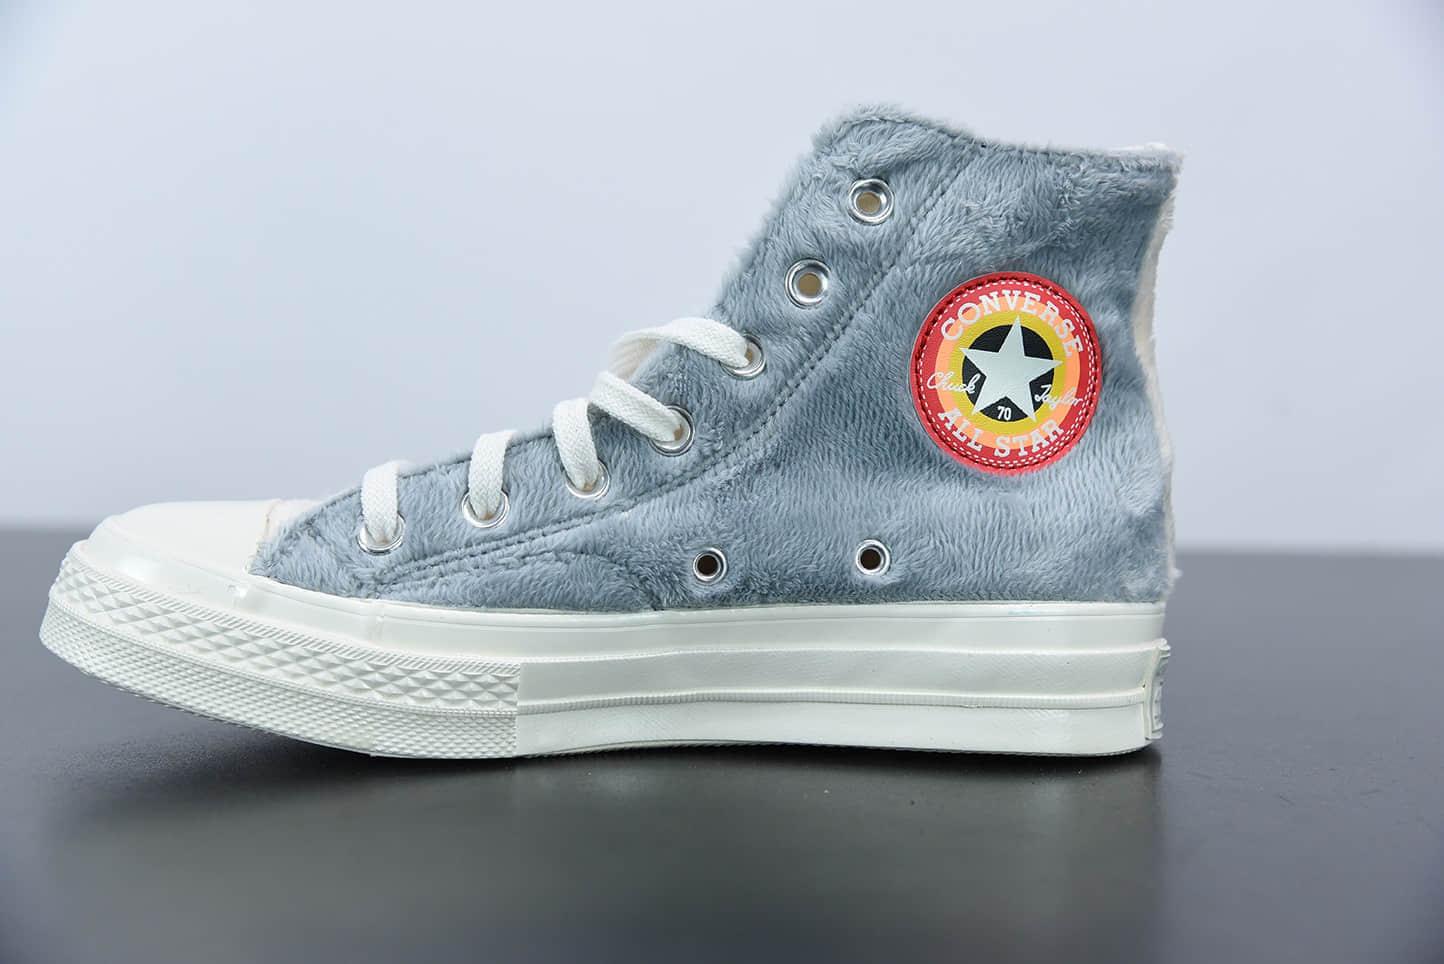 匡威Bug Bunnyx Converse Chuck Taylor All Star 1970 HighTop Grey毛绒灰米兔八哥复古三星标高帮休闲运动硫化百搭板鞋纯原版本 货号:169222C